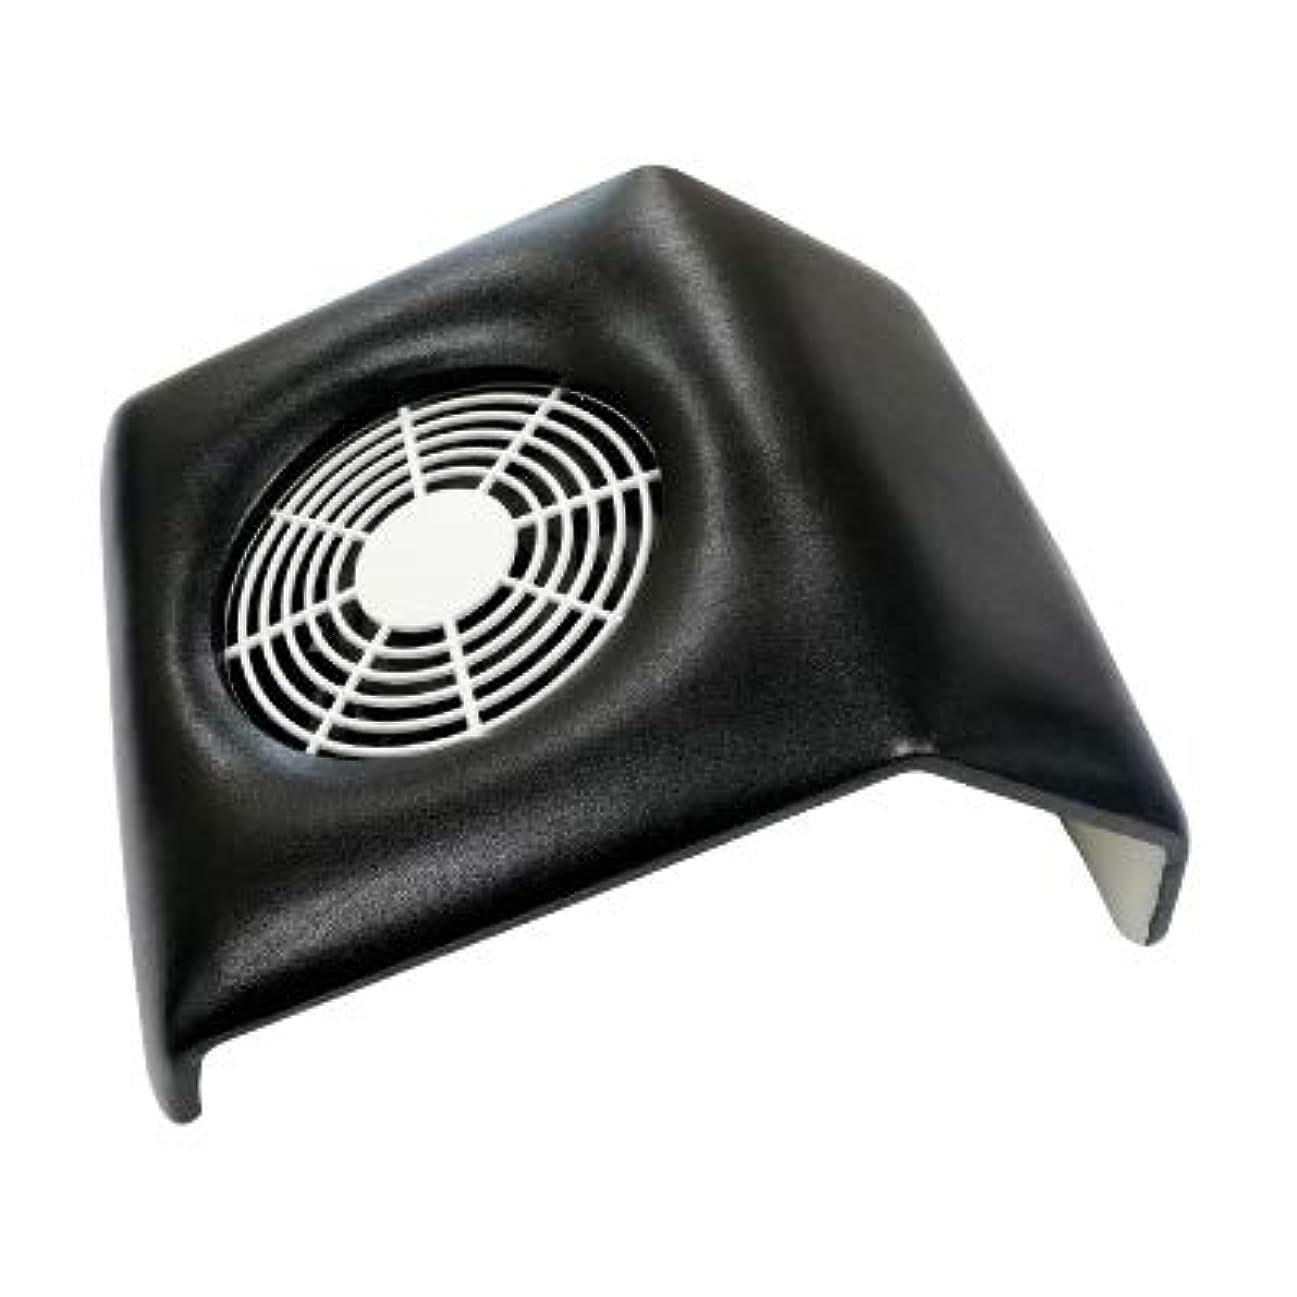 ディレクトリベックス枕集塵機 コンパクトタイプ ネイルダストクリーナー Compact Nail Dust Cleaner バッグ付き ネイルオフ ダストコレクター (ブラック)